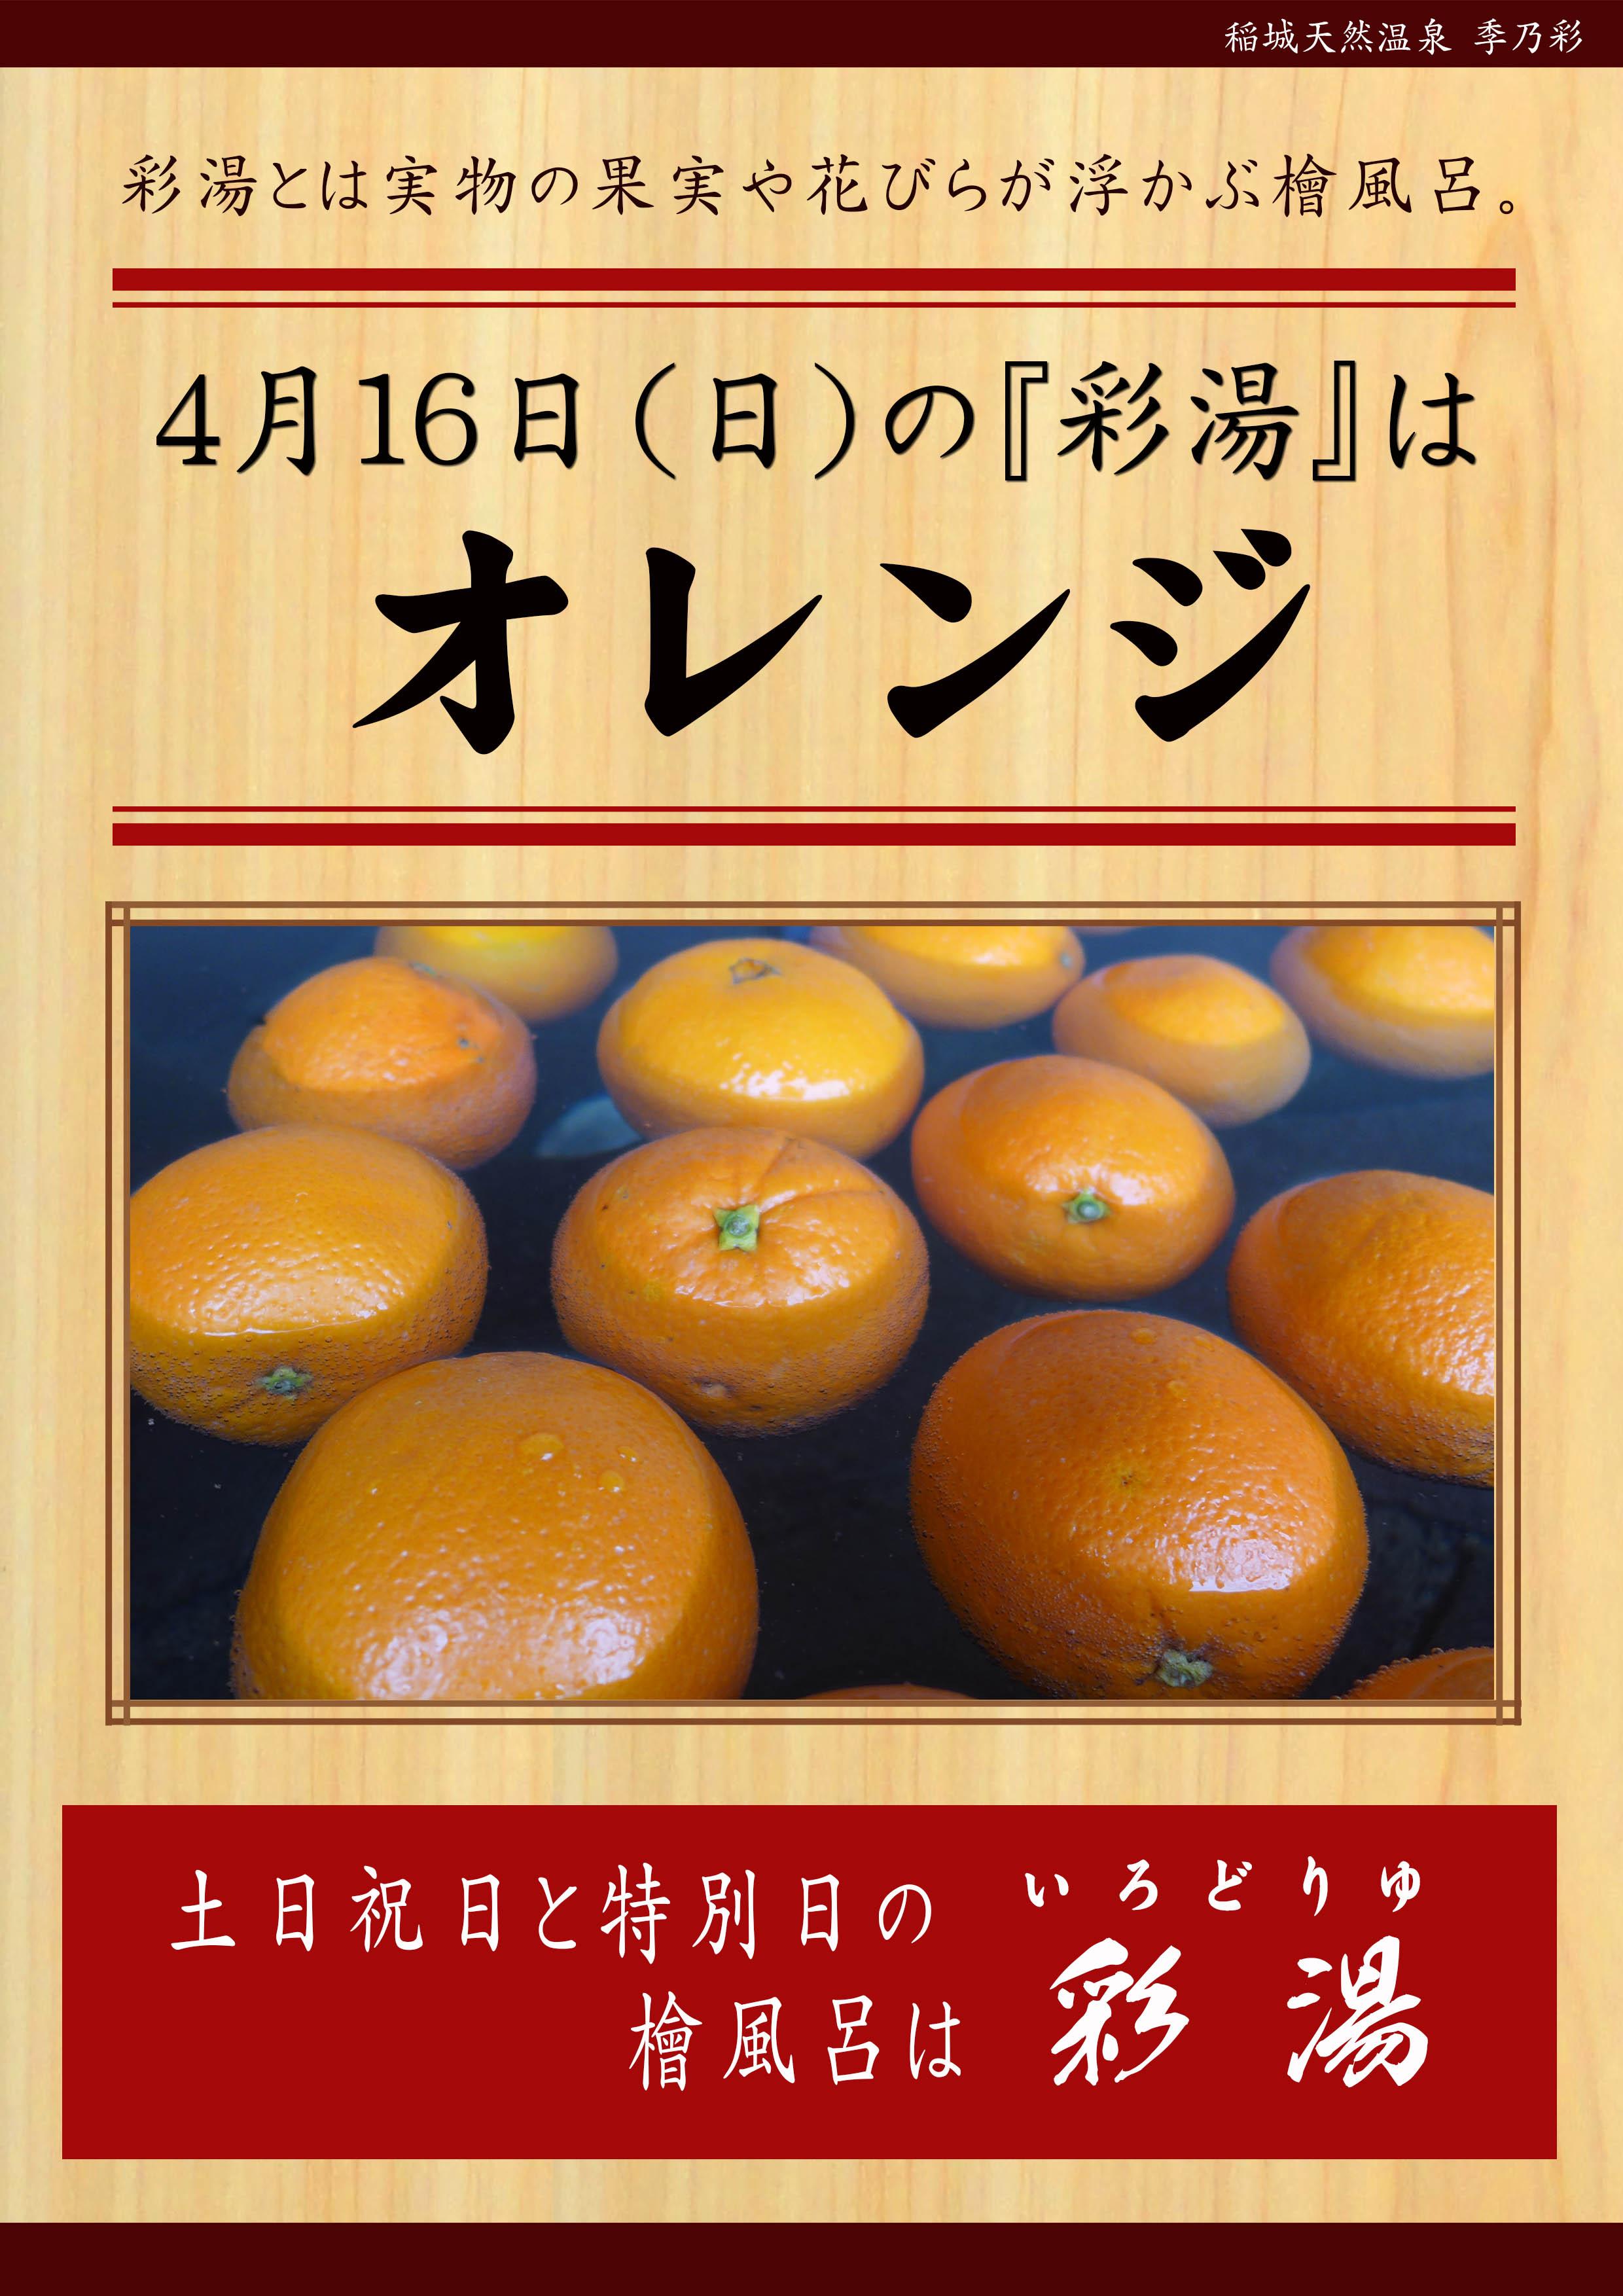 20170416POP イベント 彩湯 オレンジ